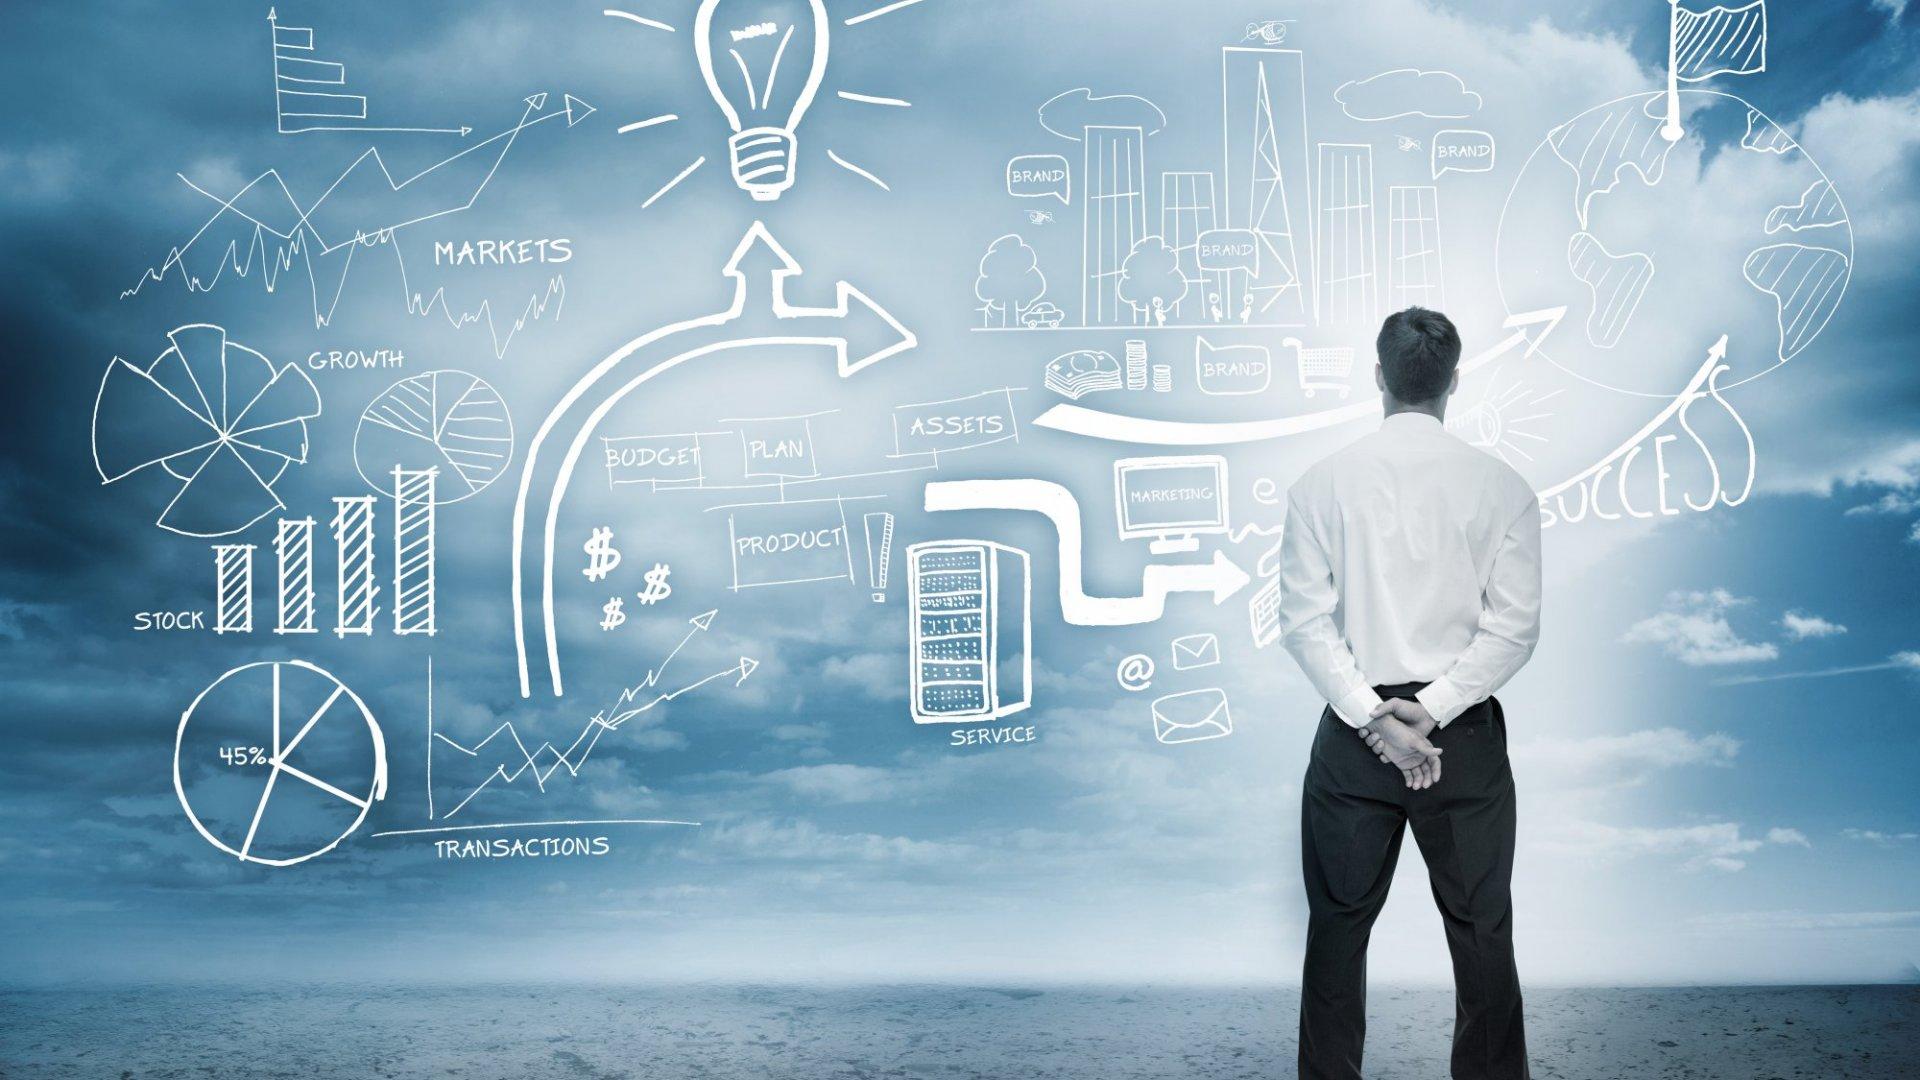 10 Things Smart Entrepreneurs Never Do